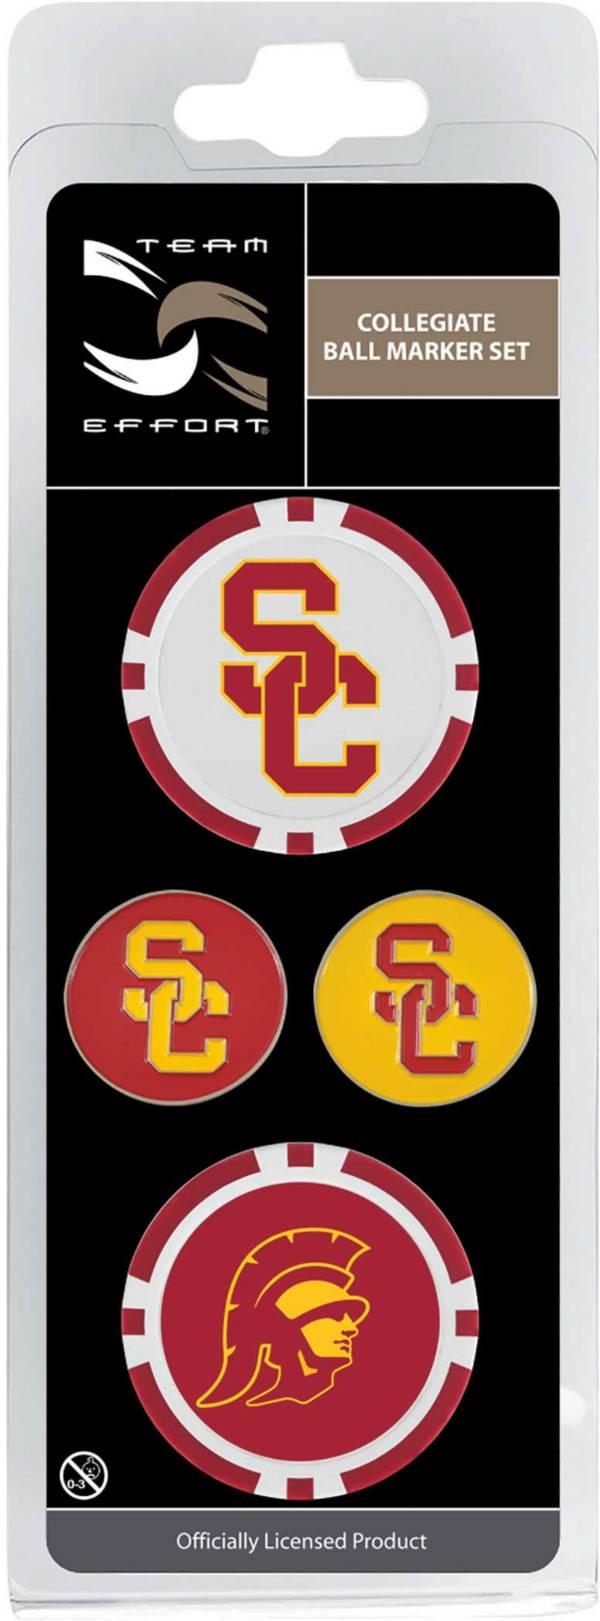 Team Effort USC Trojans Ball Marker Set product image